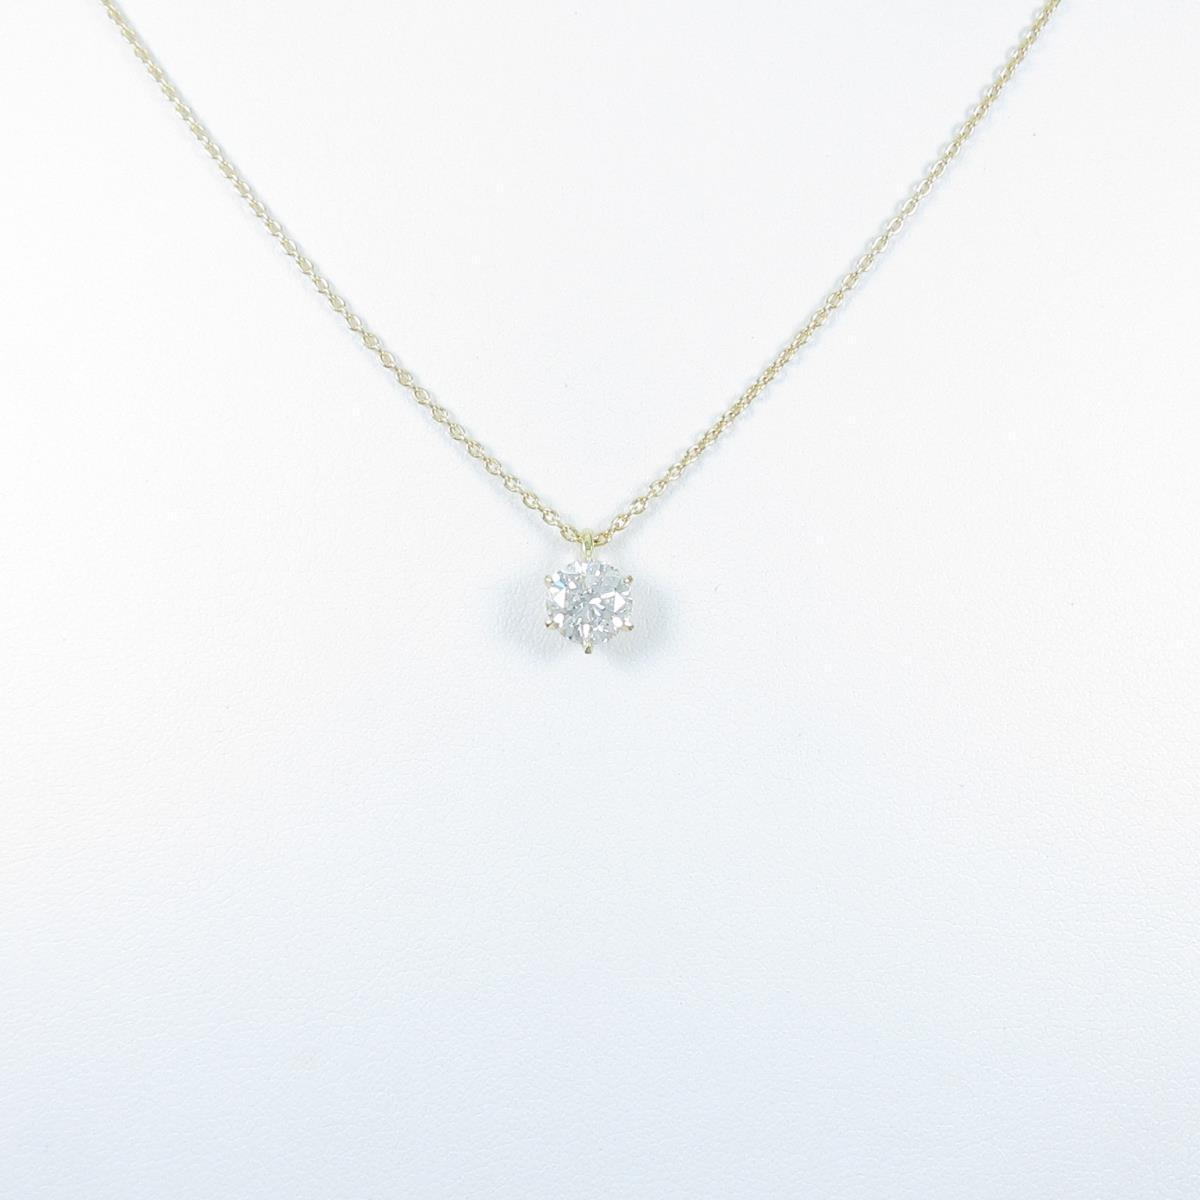 【リメイク】K18YG ダイヤモンドネックレス 1.005ct・F・SI2・GOOD【中古】